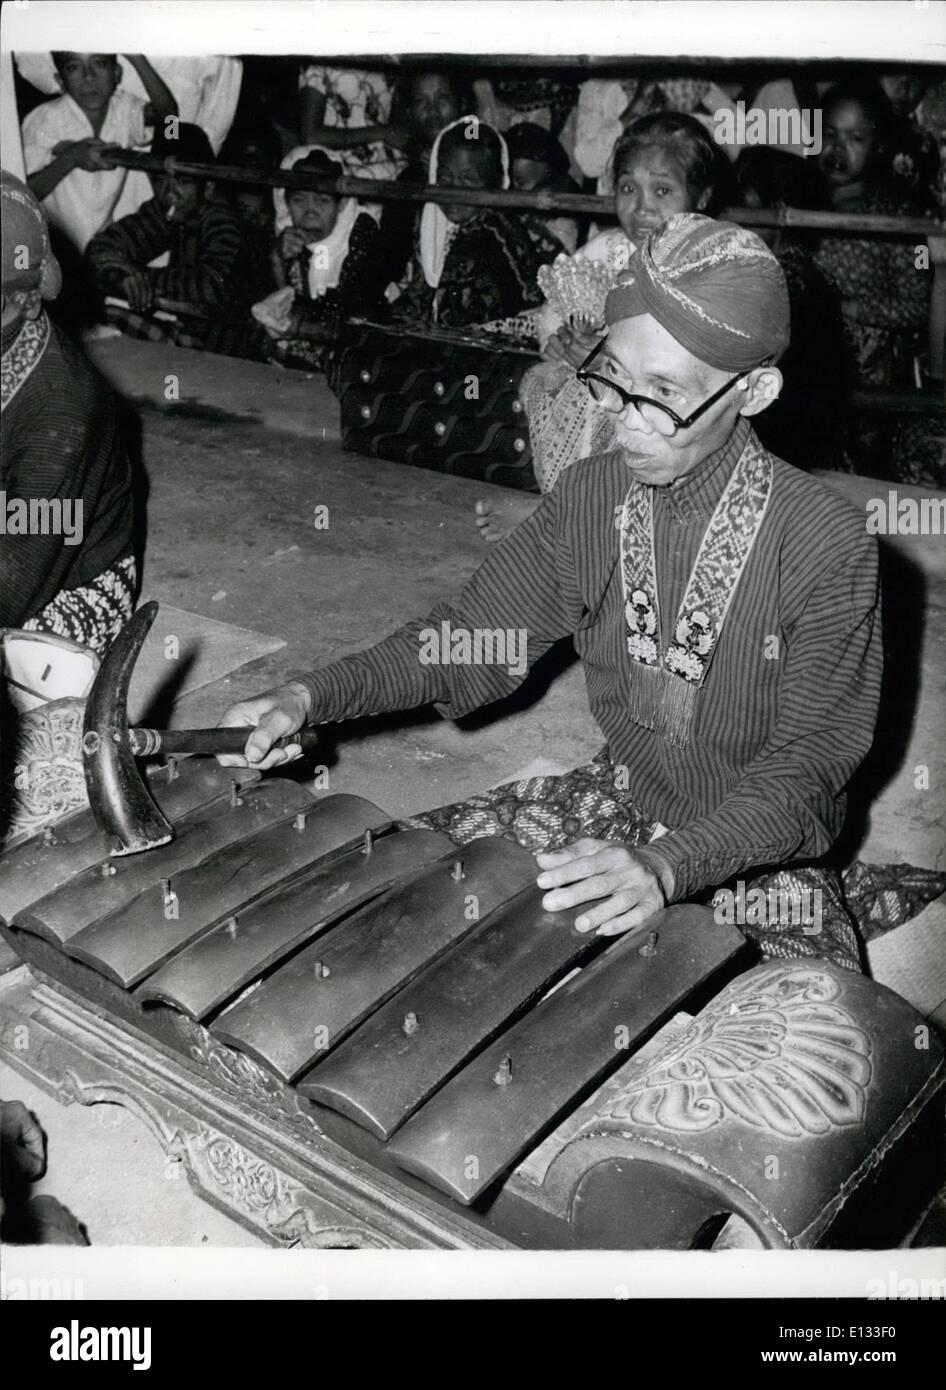 El 26 de febrero de 2012 - Un Jogjakarta músico toca un instrumento similar a un Xyle~ hone, pero late con un martillo hecho de los cuernos de un buey. Imagen De Stock